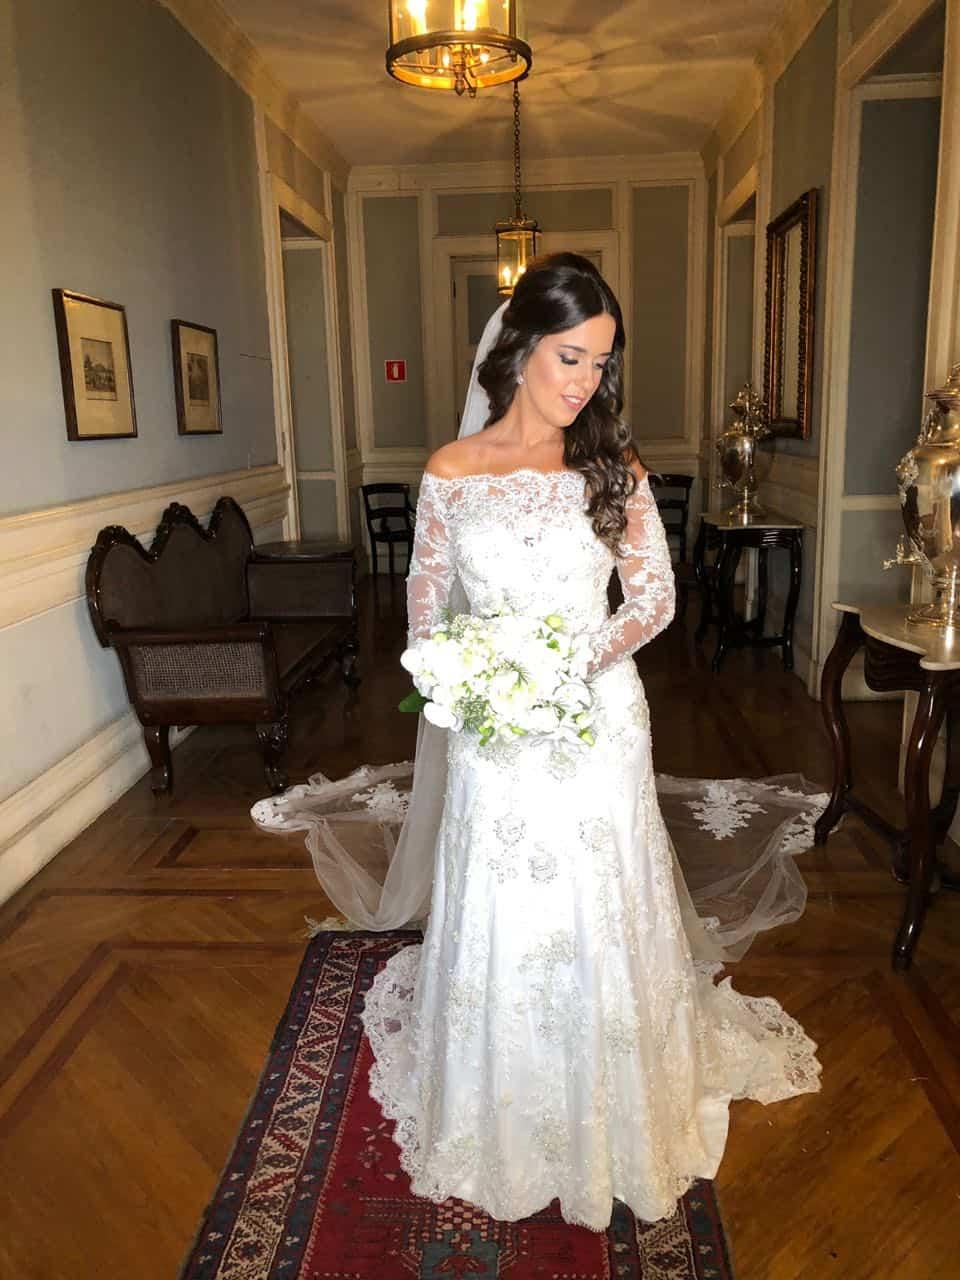 casamento-fernanda-e-leandro-casamento-sp-Fotografia-Produtora-7-casamento-clássico-casamento-tradicional-wedding-83